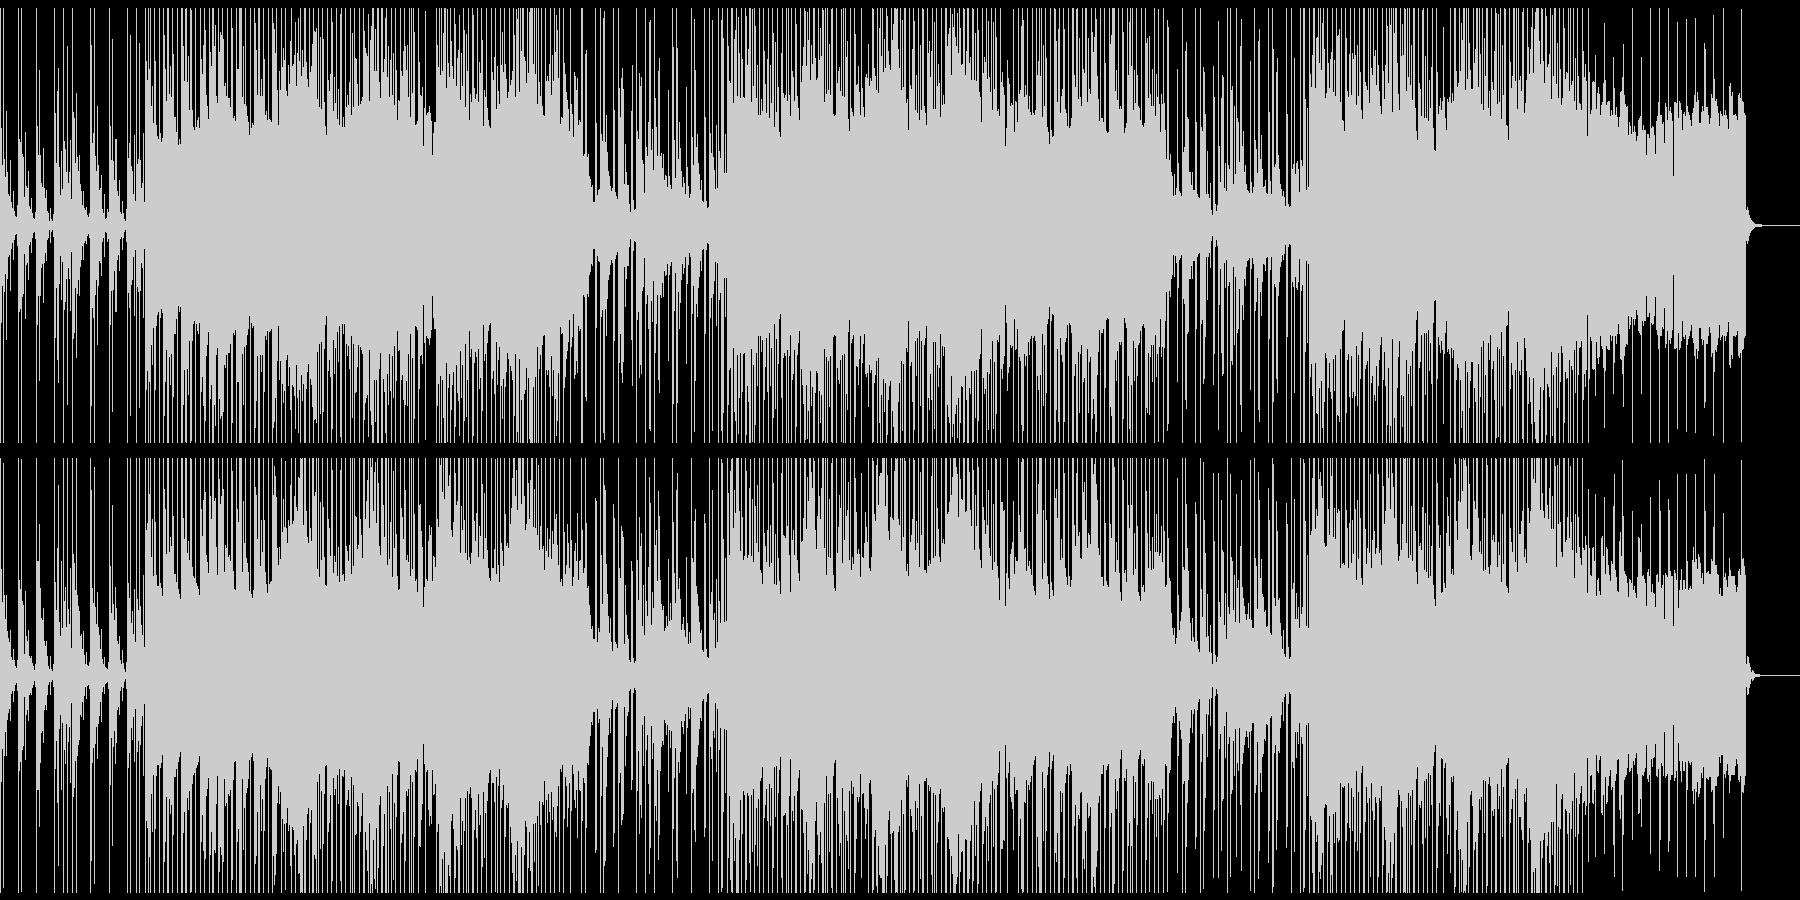 お洒落な癒し系のチルハウスBGMの未再生の波形